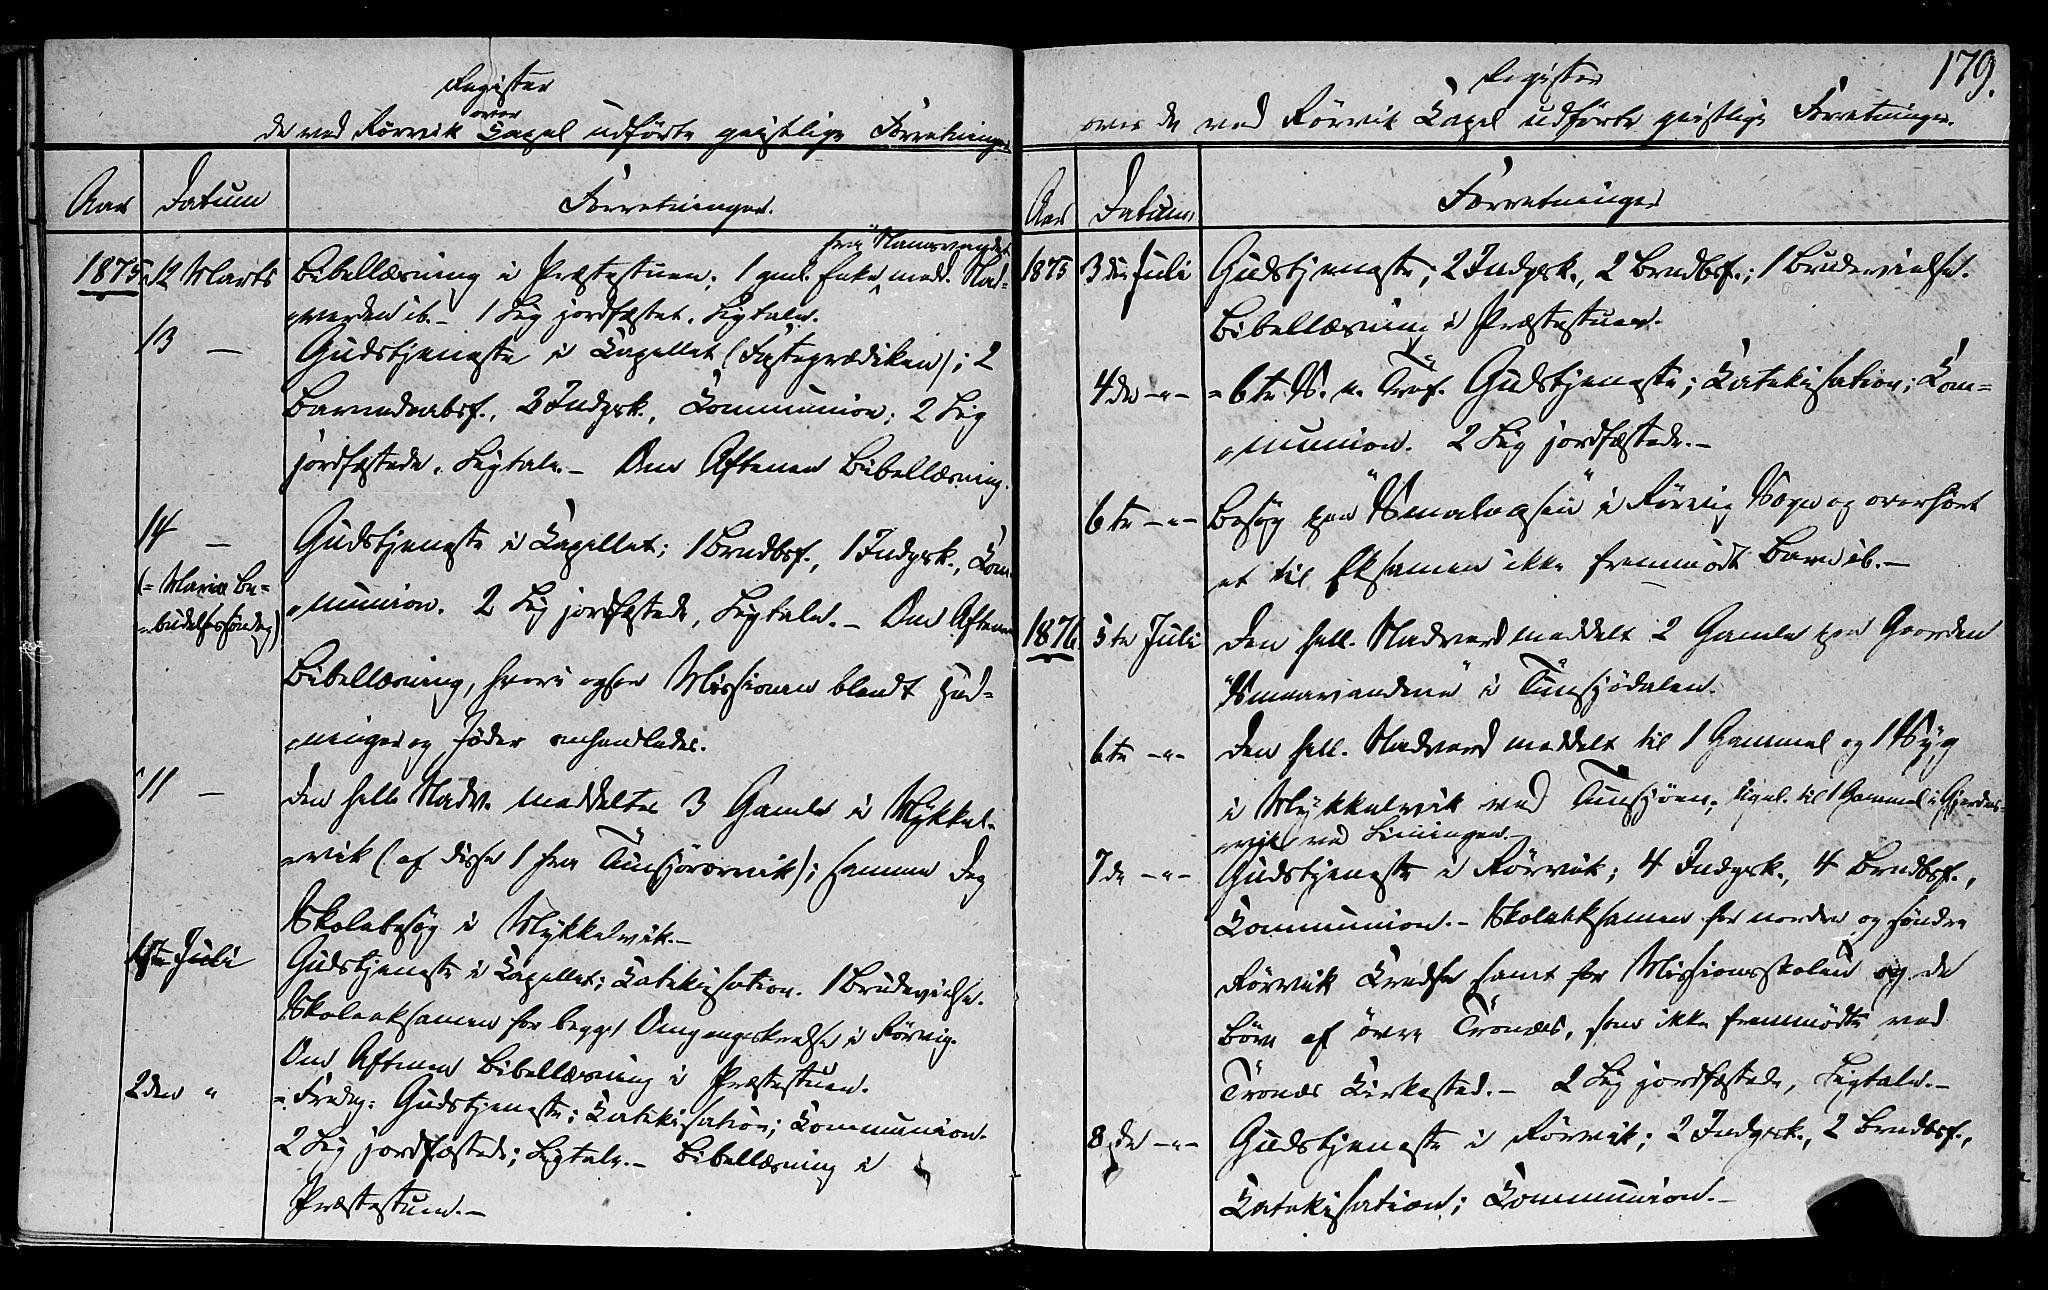 SAT, Ministerialprotokoller, klokkerbøker og fødselsregistre - Nord-Trøndelag, 762/L0538: Ministerialbok nr. 762A02 /1, 1833-1879, s. 179